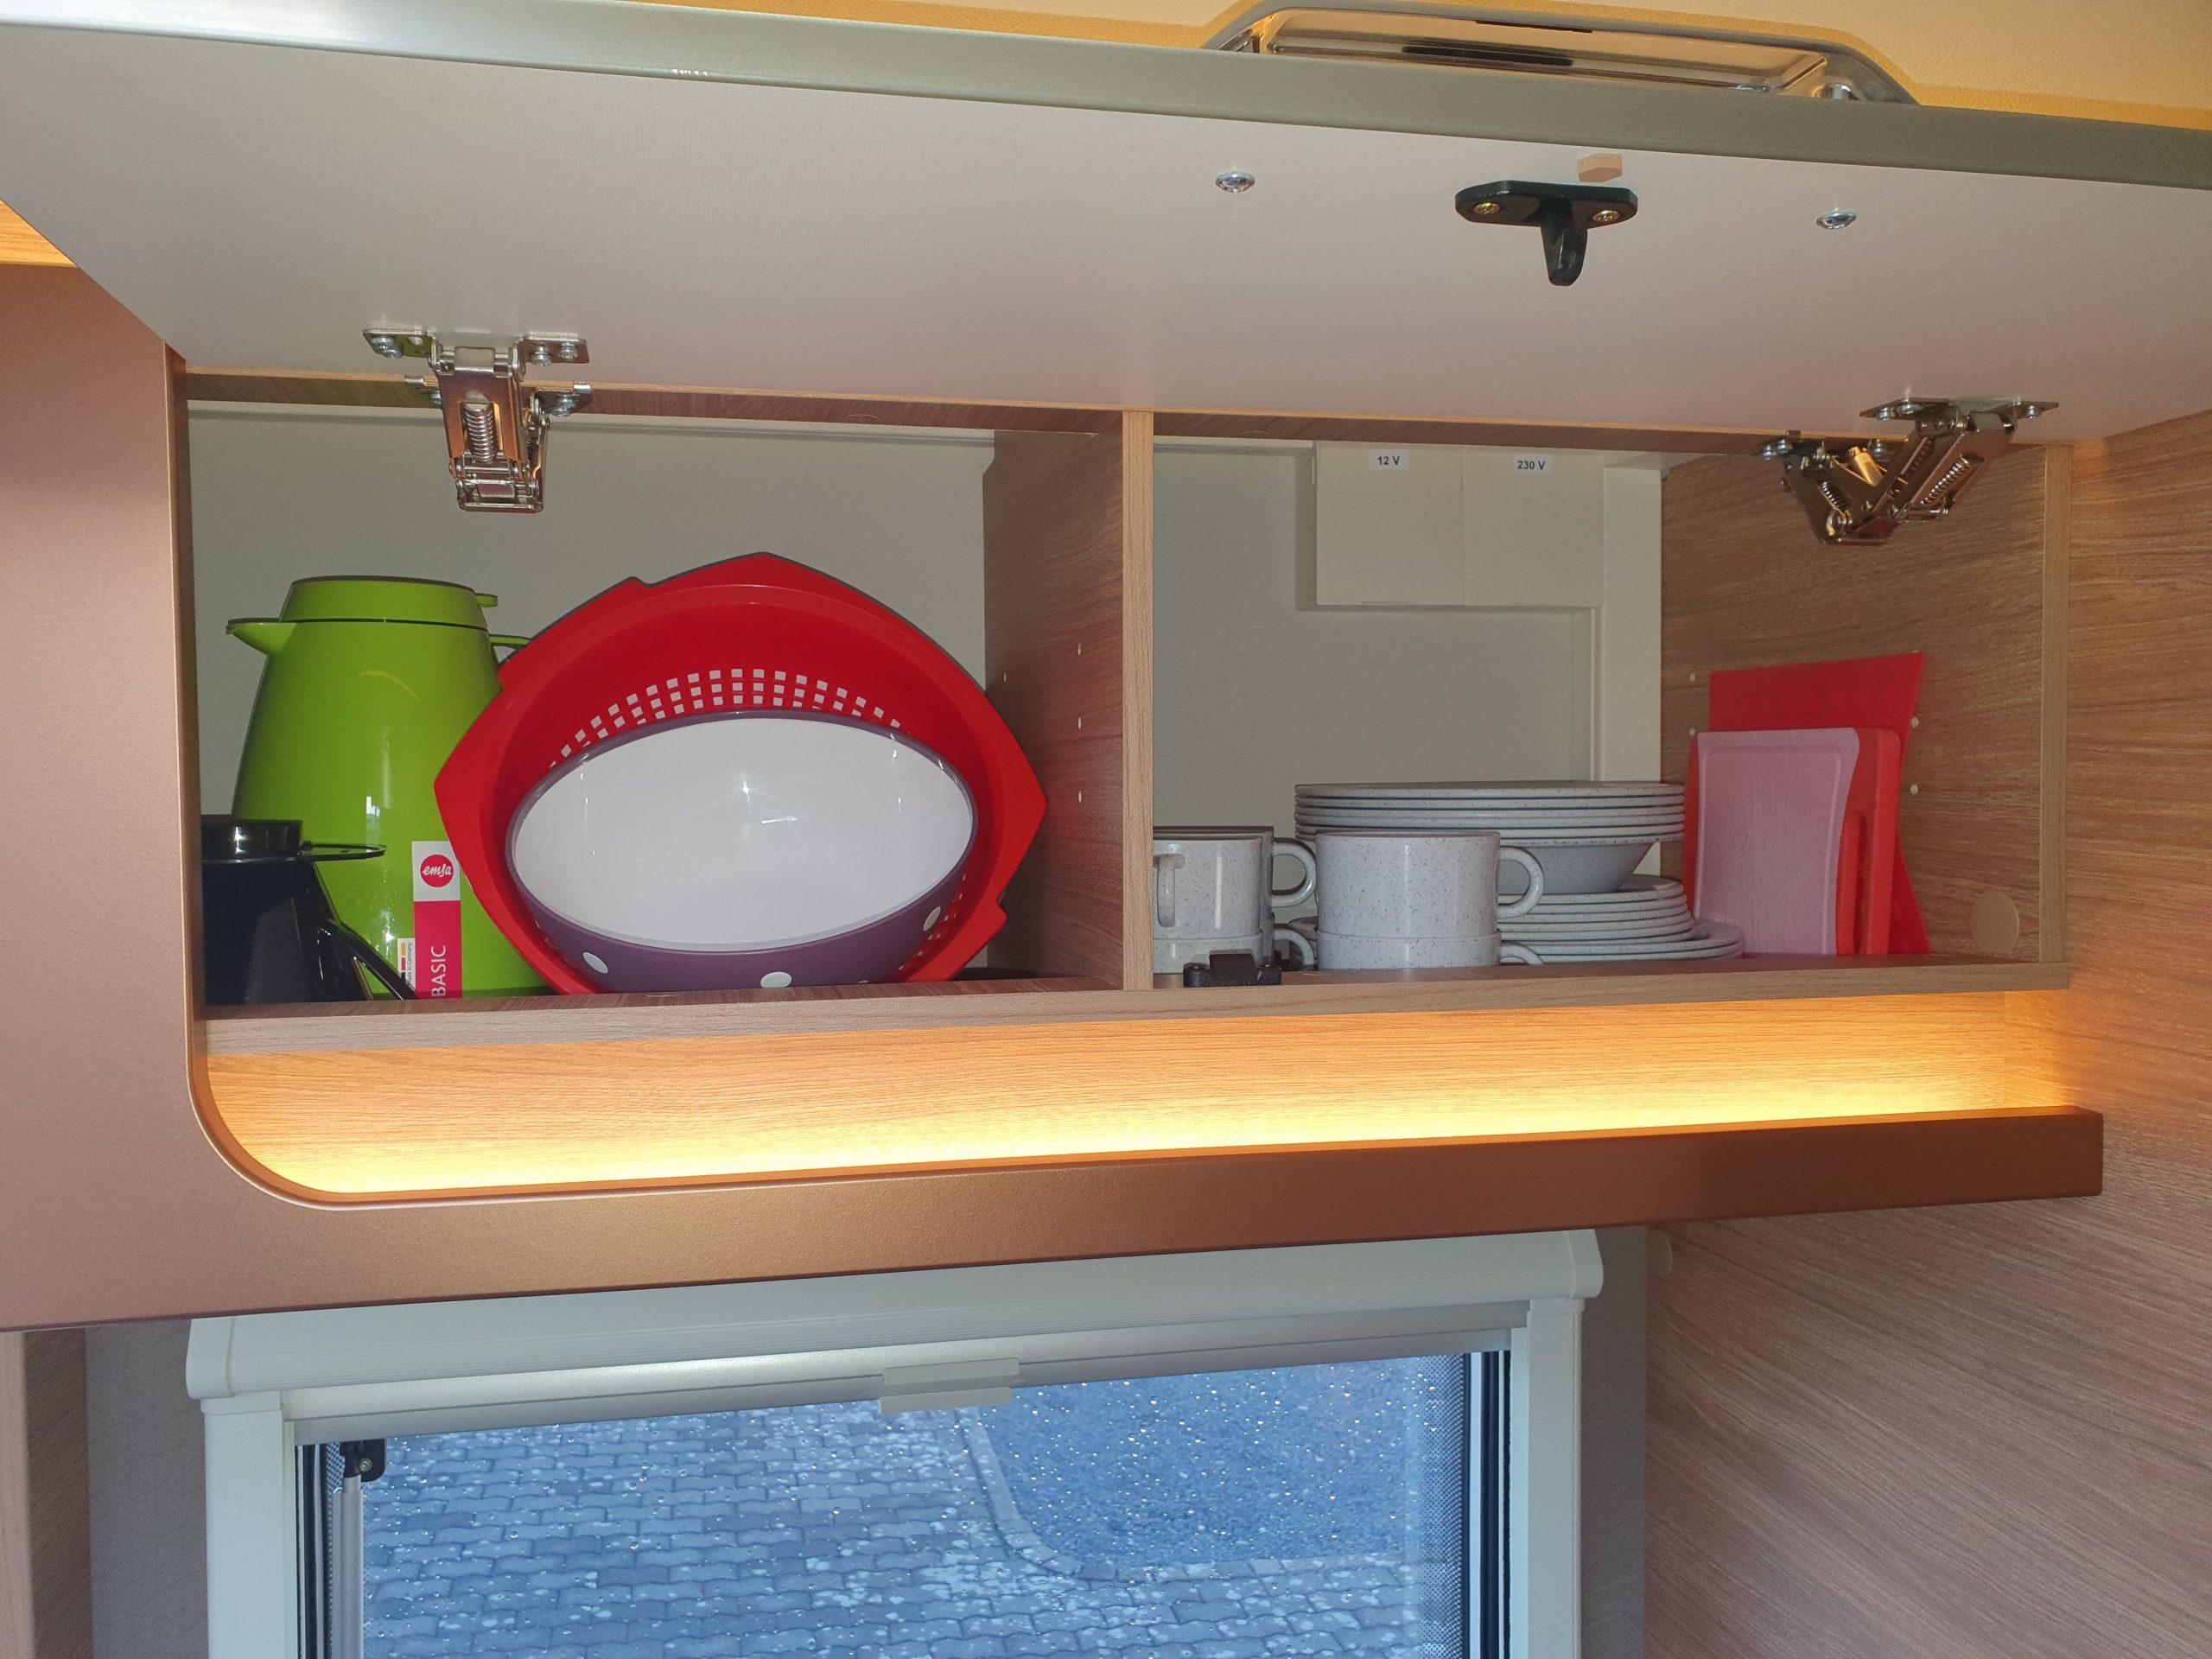 Kuchenausstattung 1 Camping Reddemann Camping Reddemann